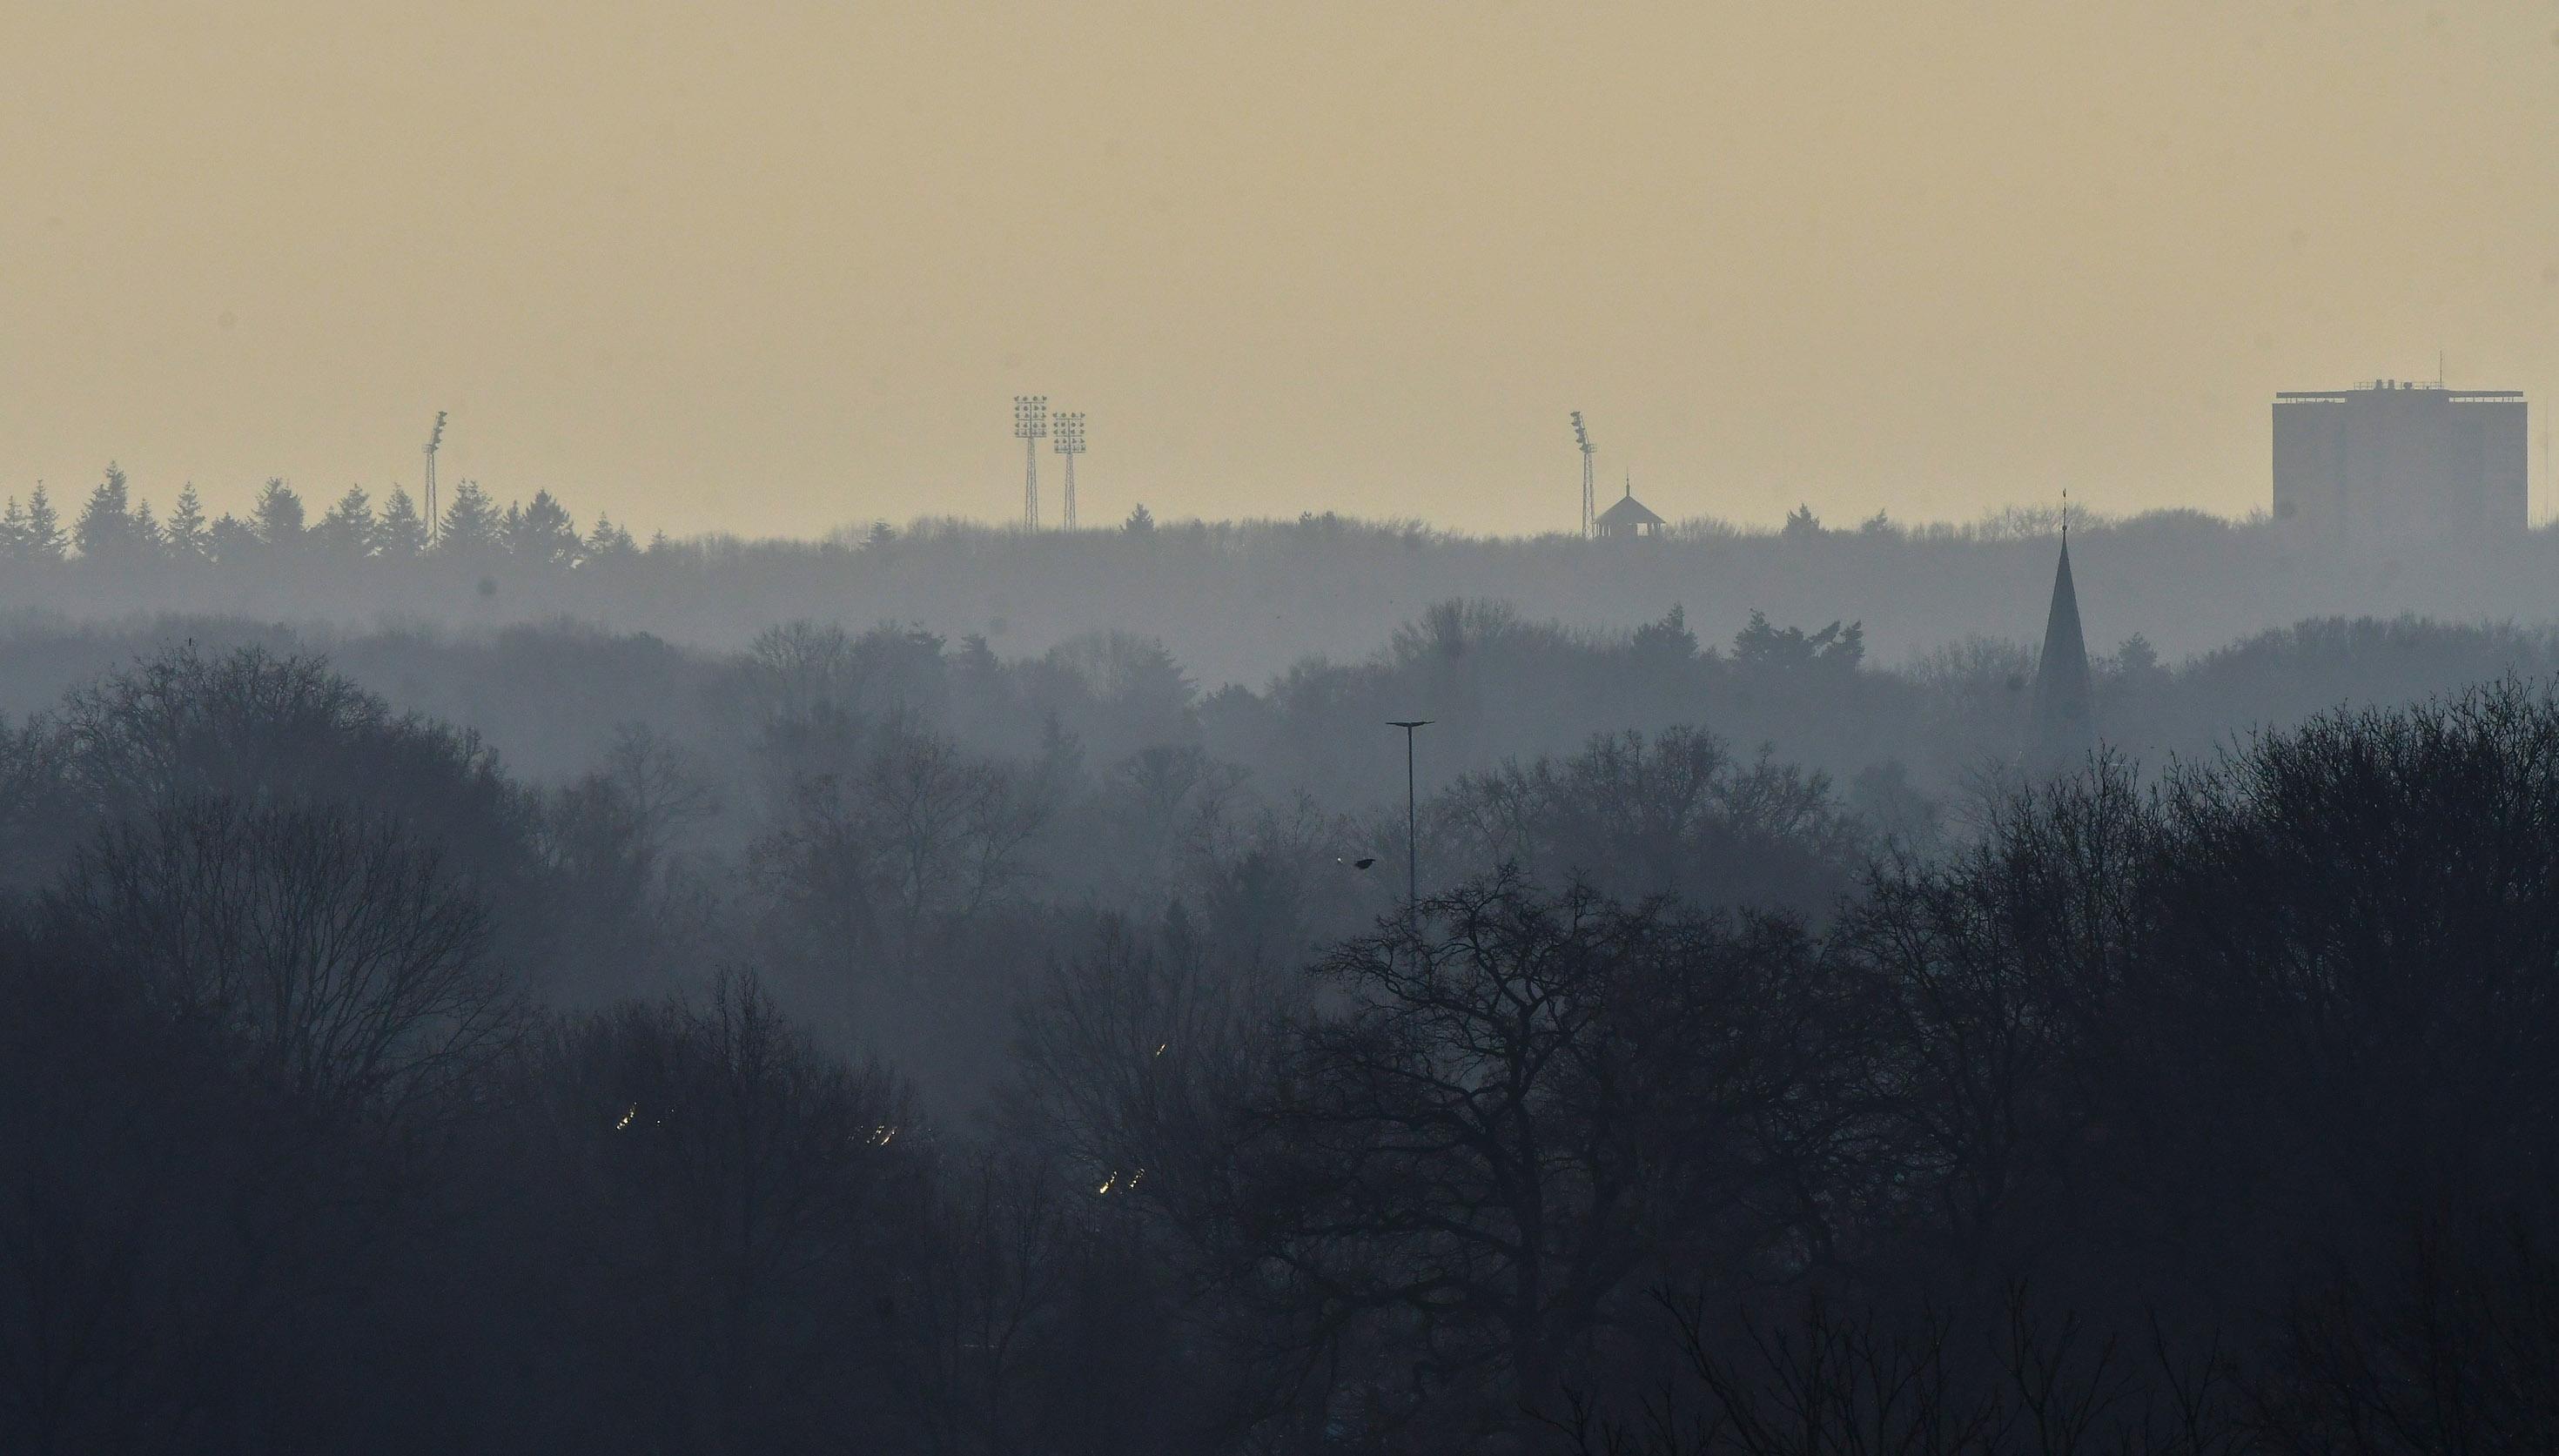 Aan de horizon de hoge masten met lampen van het oude voetbalstadion De Wageningse Berg - Foto: ©Louis Fraanje